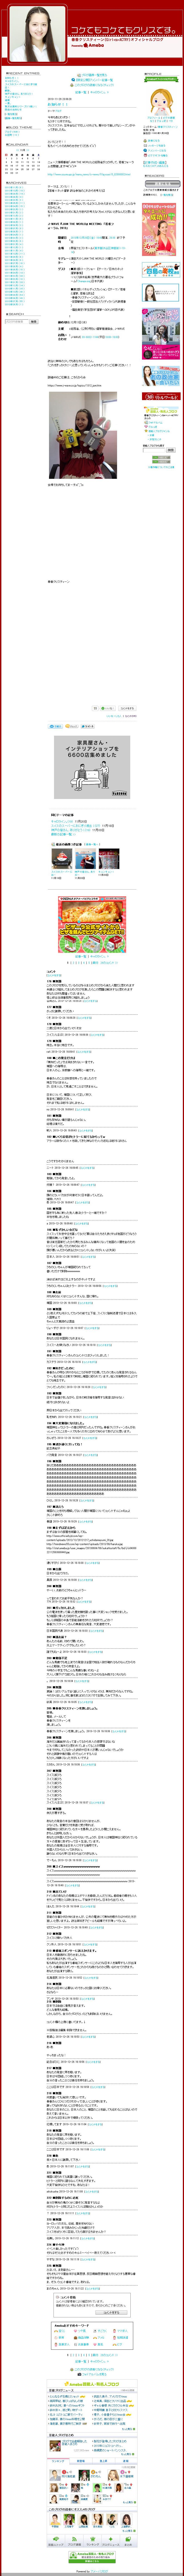 春香クリスティーン オフィシャルブログ_compressed